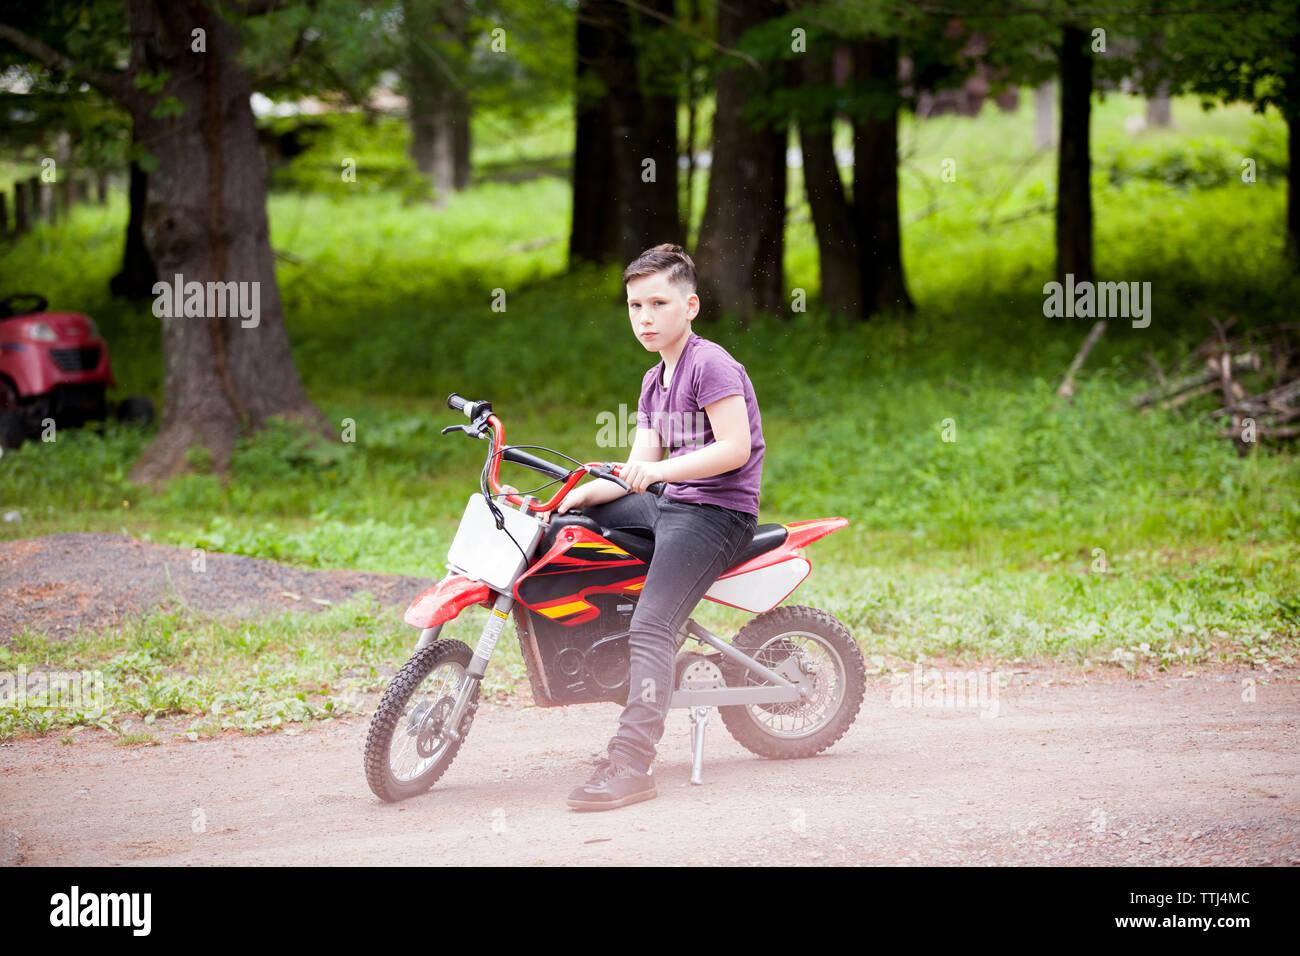 Full length of boy sitting on dirt bike - Stock Image